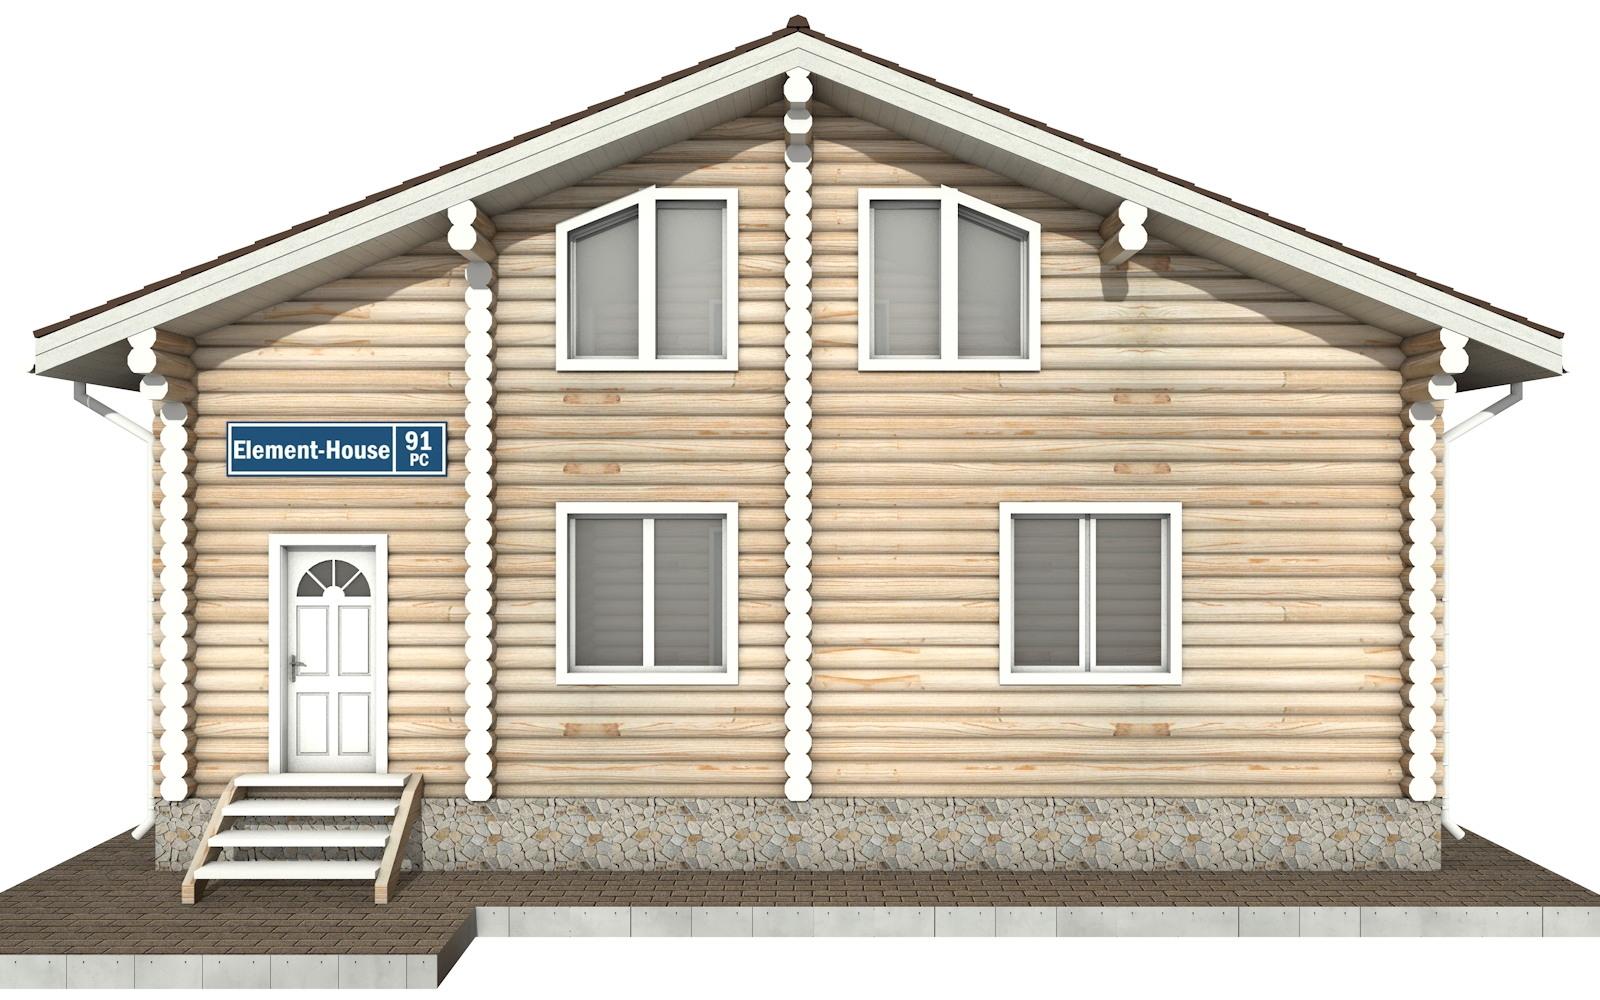 Фото #6: Красивый деревянный дом РС-91 из бревна